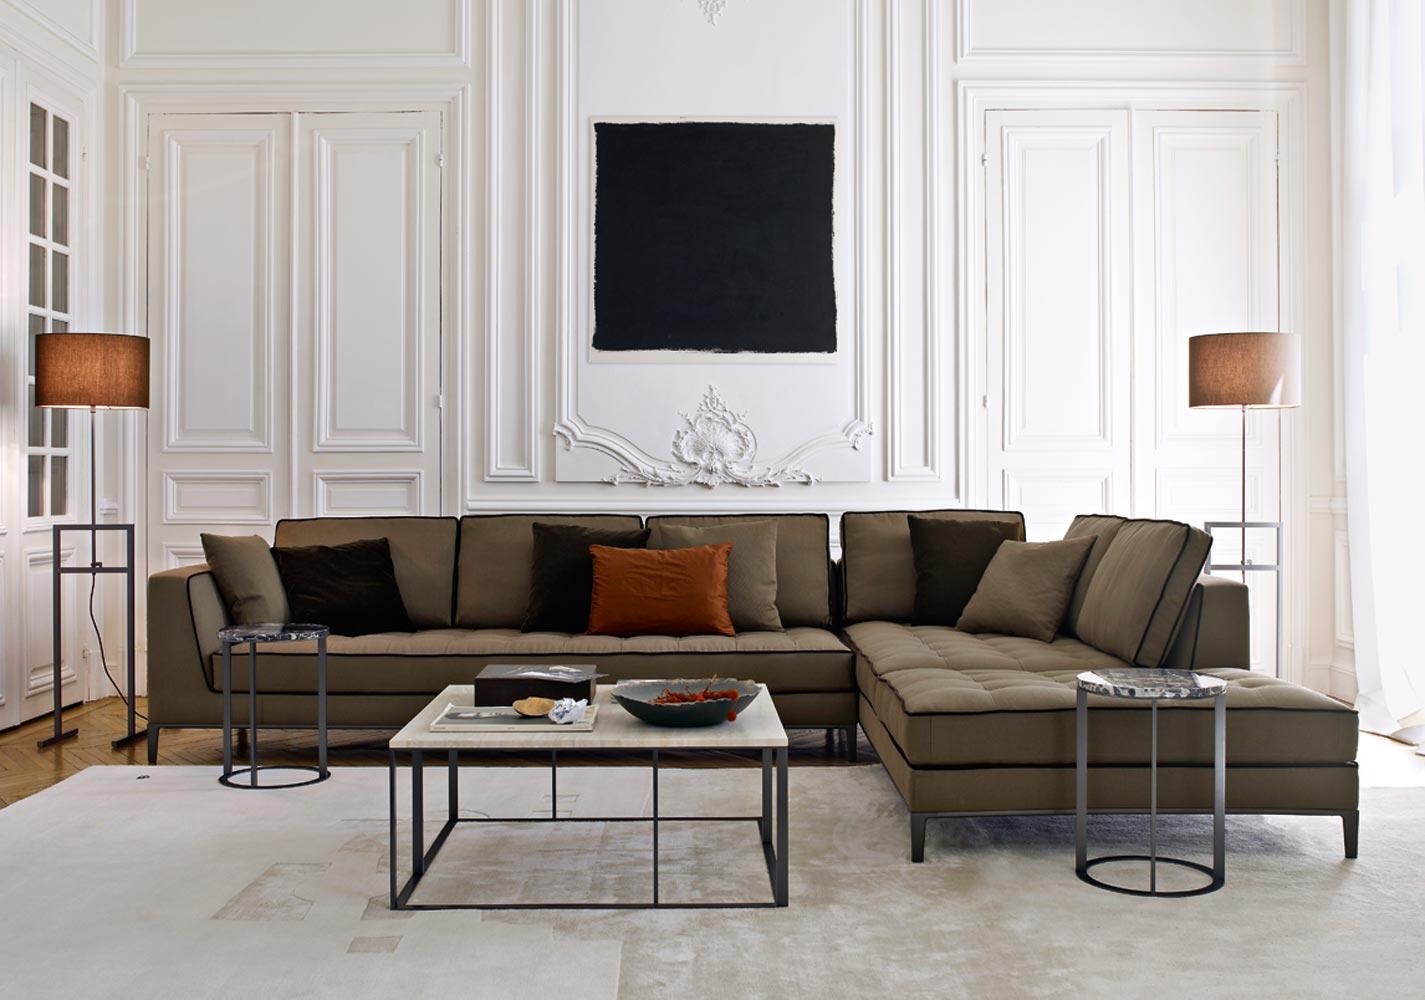 Sofá modular moderno Lucrezia de Maxalto